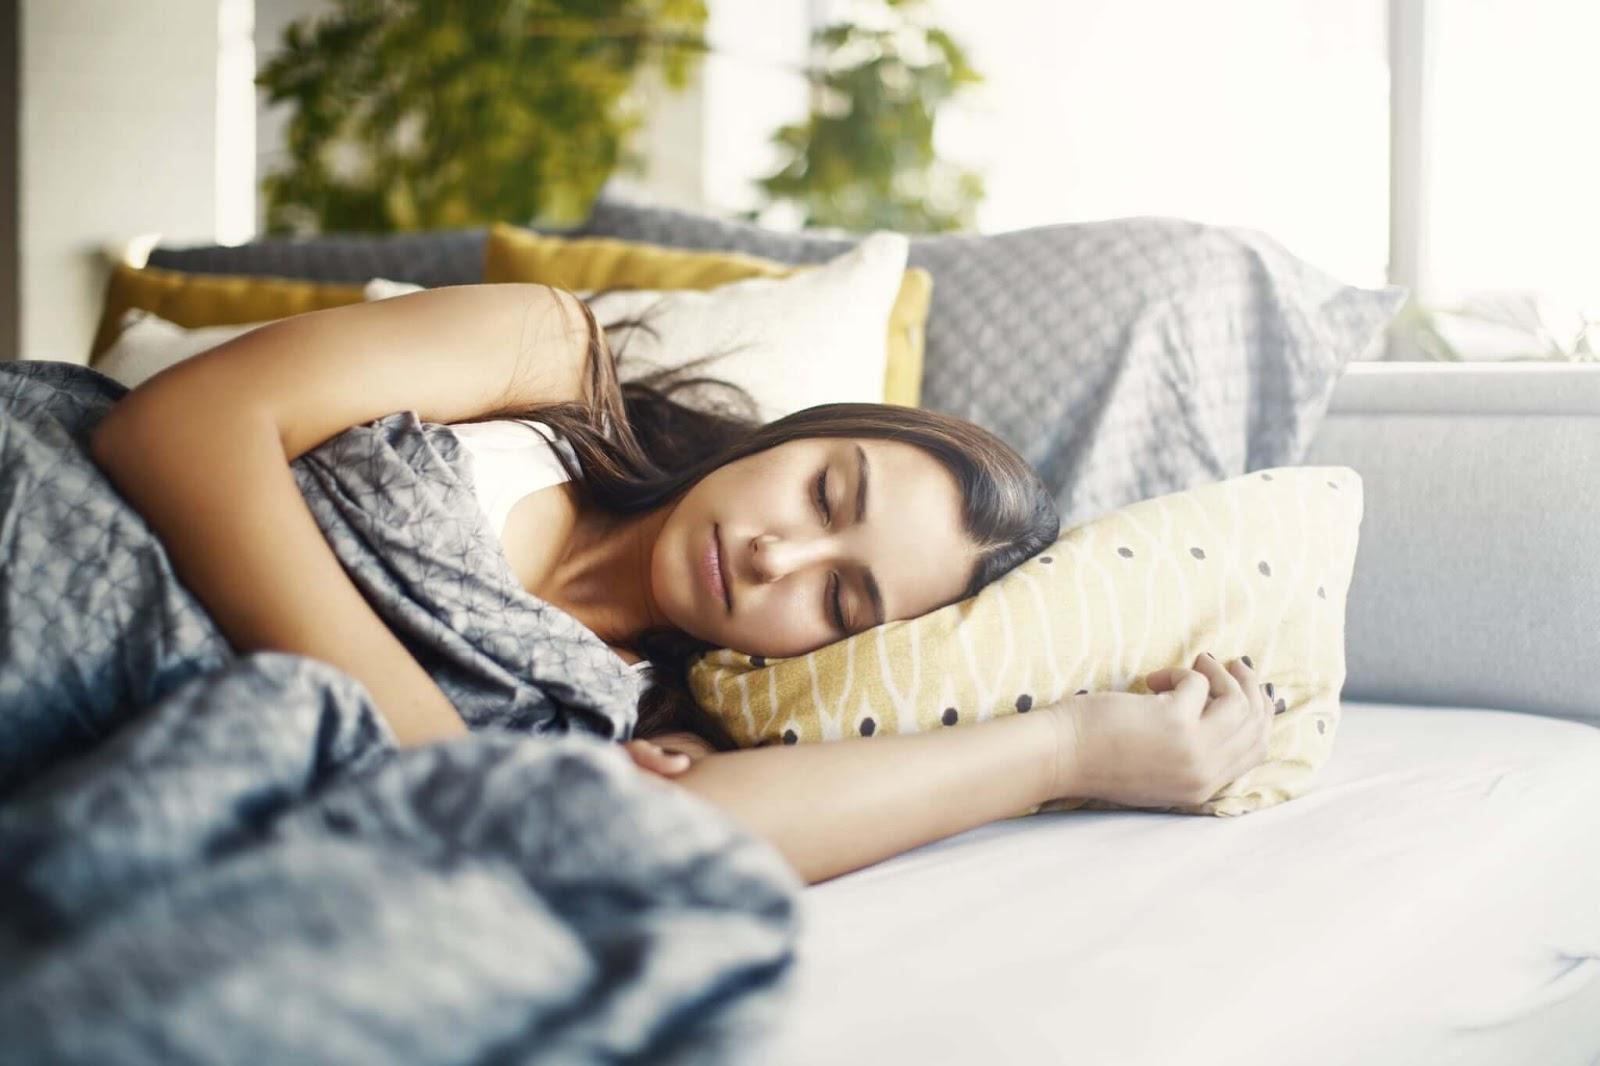 Phòng ngủ là nơi để có những giấc ngủ ngon sau ngày làm việc